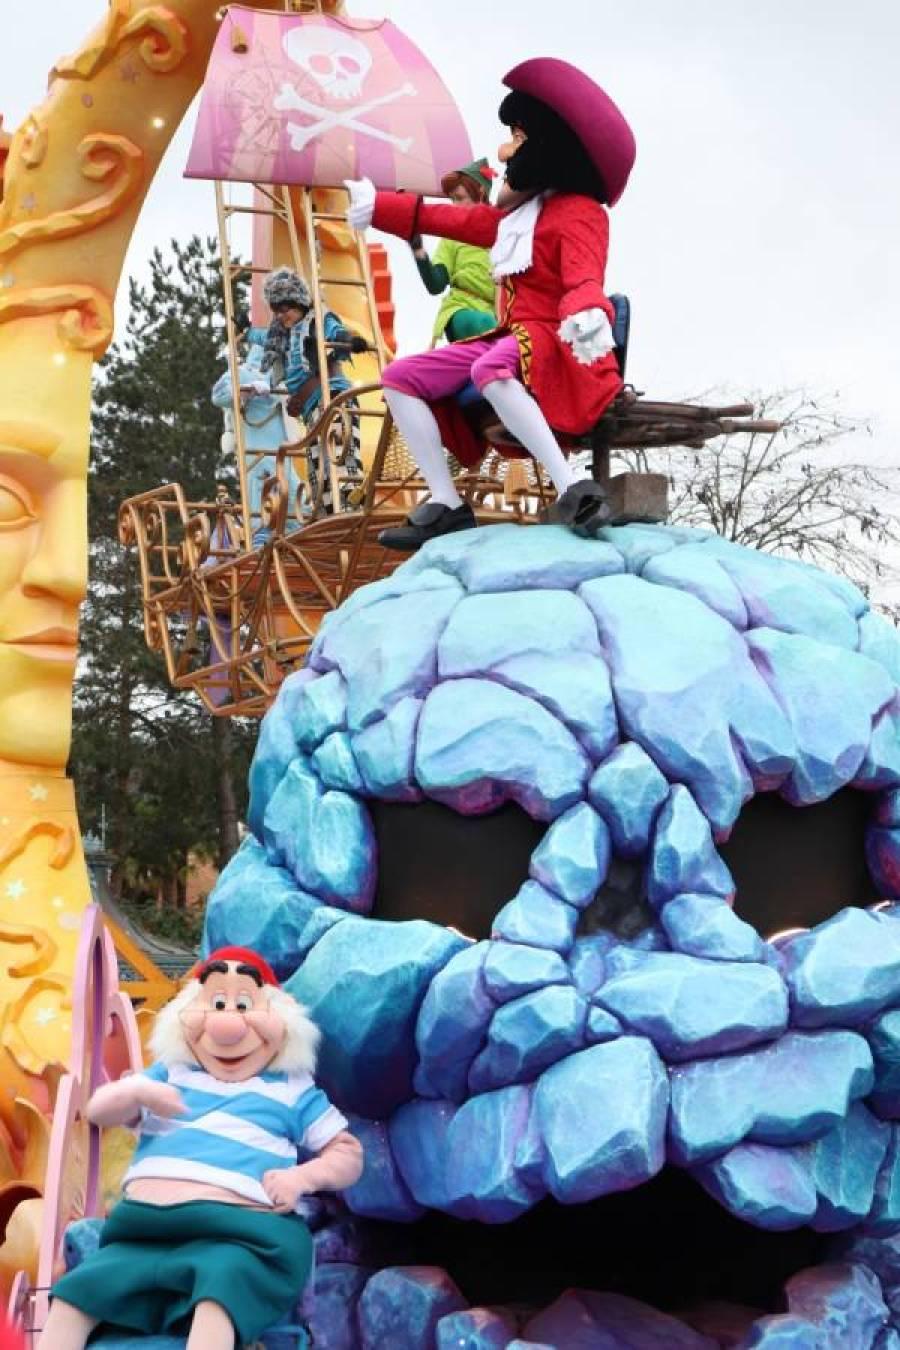 20190315171730 IMG 0665 - Een weekend sprookjes en magie bij Disneyland Parijs